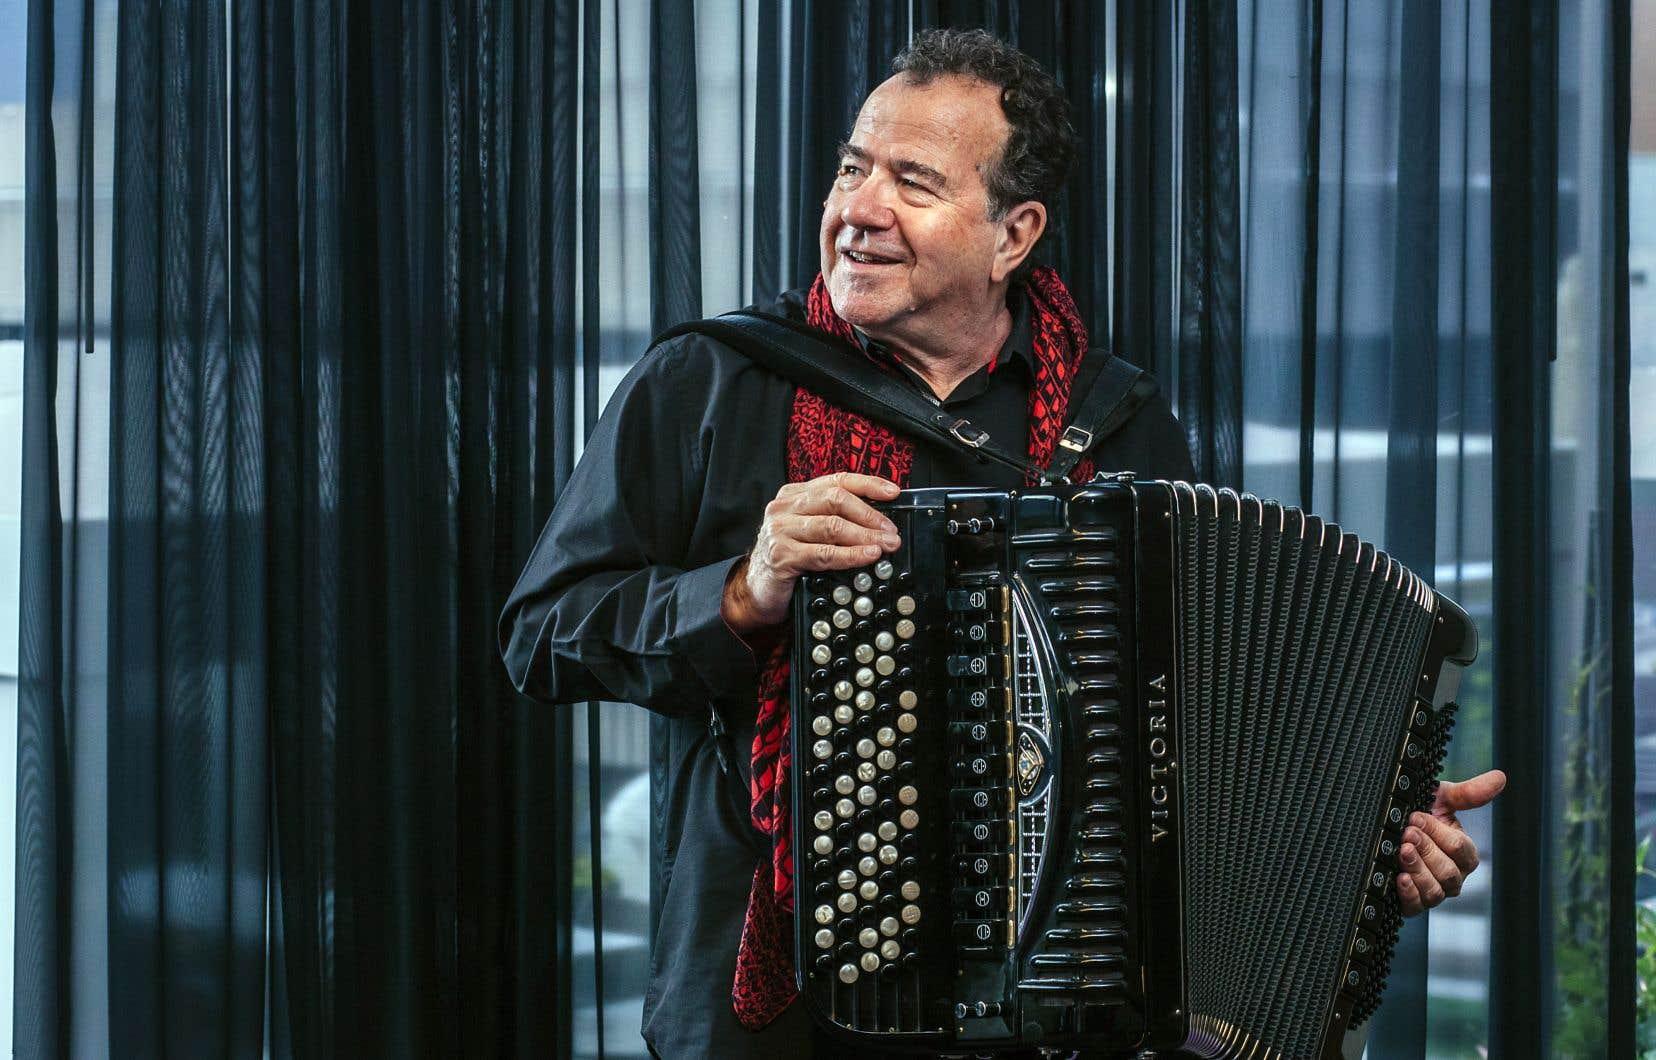 L'accordéoniste Richard Galliano est connu pour avoir créé le style New Musette, mélangeant le jazz et la musique populaire.